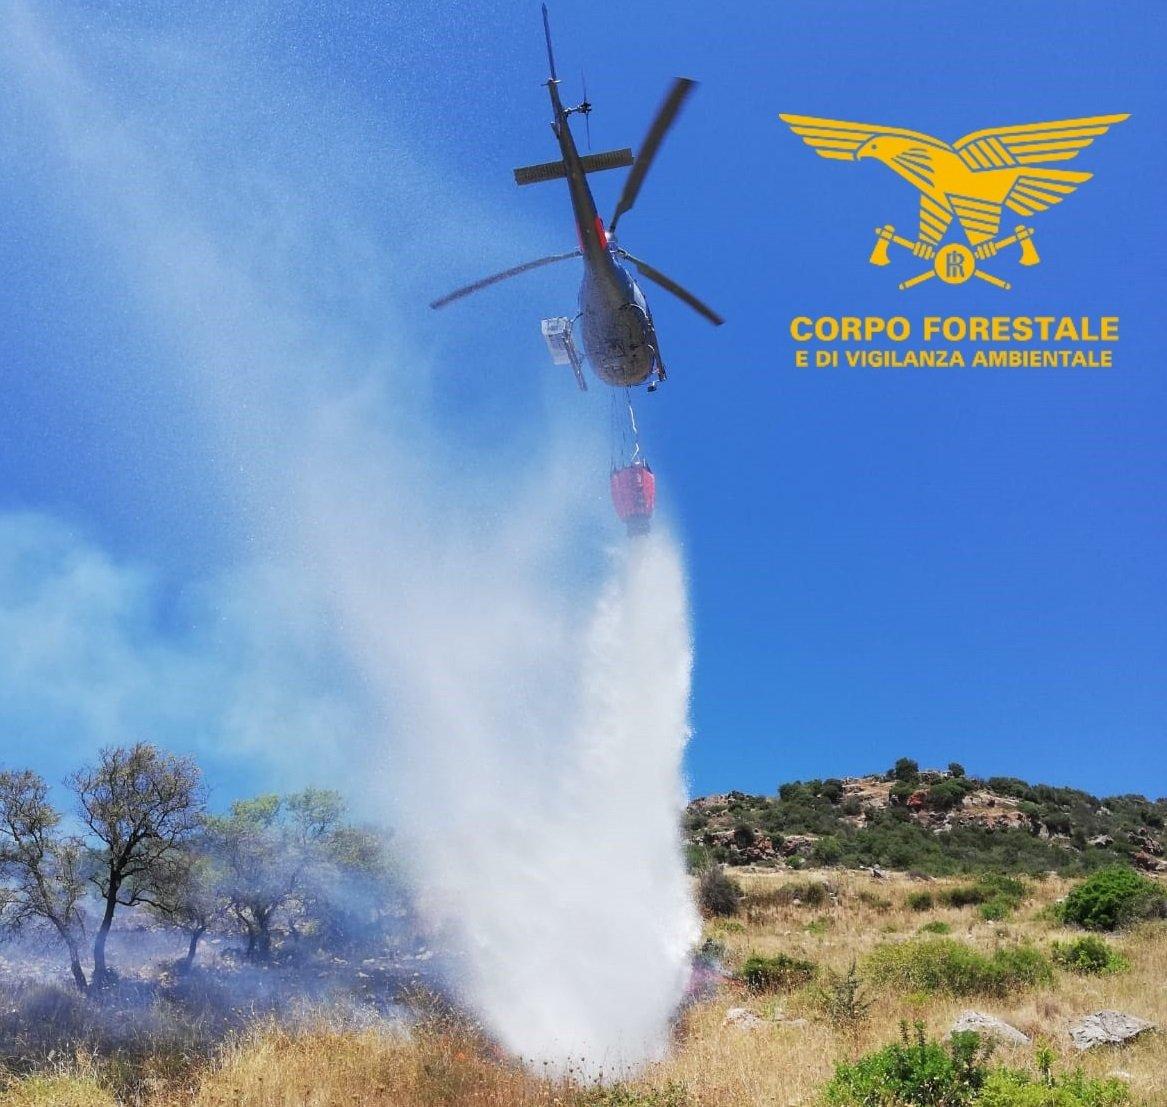 3 elicotteri del Corpo forestale stanno intervenendo ad Arzana e Villanova Monteleone.